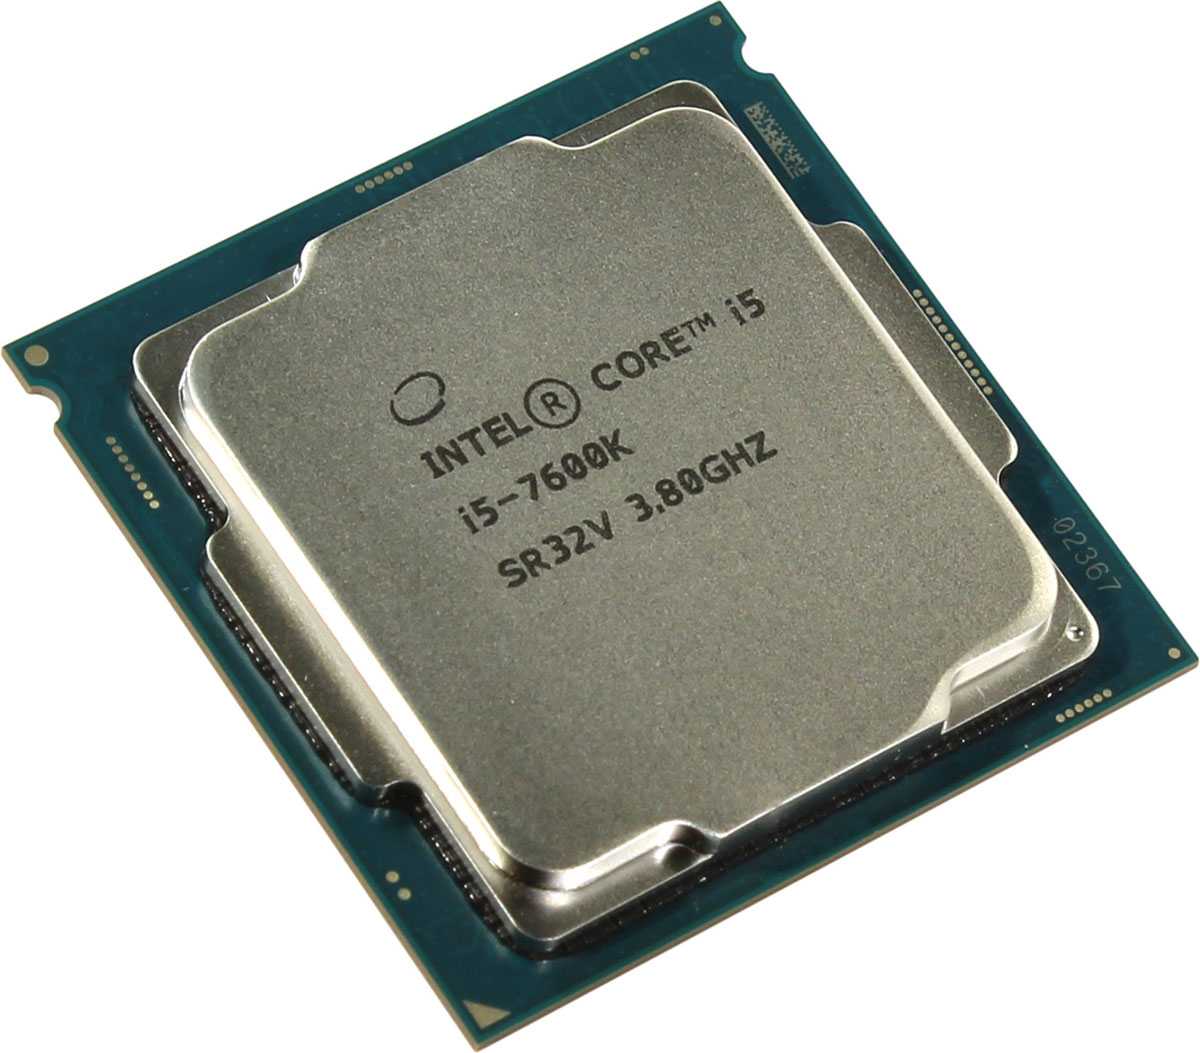 Intel Core i5-7600K процессор396380Core i5-7600K - процессор для настольных персональных компьютеров, основанных на платформе Intel. Обеспечит высокую производительность системы, когда это необходимо.В основе лежит архитектура Kaby Lake, что позволяет оптимизировать работу четырех ядер, функционирующих на частоте 3,8 ГГц (4,2 ГГц в режиме Turbo Boost). Дополнительное быстродействие обеспечивается кэш-памятью третьего уровня объемом 6 МБ. Обработка изображения перед демонстрацией его на мониторе ПК осуществляется графическим процессором Intel HD Graphics 630.Одна из ключевых особенностей Kaby Lake кроется в поддержке HEVC кодирования и декодирования 4К видео. Процессоры 7-го поколения Intel, теперь перепоручают данную работу непосредственно графической карте, и не задействуют, как это было раньше, свои собственные ядра, тем самым качество потока 4К видео улучшается.Пользователь заметит и значительные улучшения в работе с 3D графикой при использовании Kaby Lake, в сравнении с предыдущими поколениями, что напрямую говорит об улучшении игрового процесса.Для двусторонней передачи данных между Intel Core i5-7600K и оперативной памятью компьютера предусмотрен встроенный контроллер, поддерживающий модули DDR4/DDR3L размером до 64 ГБ. Также в данной модели установлены контроллер PCI-E 3.0 и системная шина DMI 3.0, которые используются для связи с другими элементами ПК.